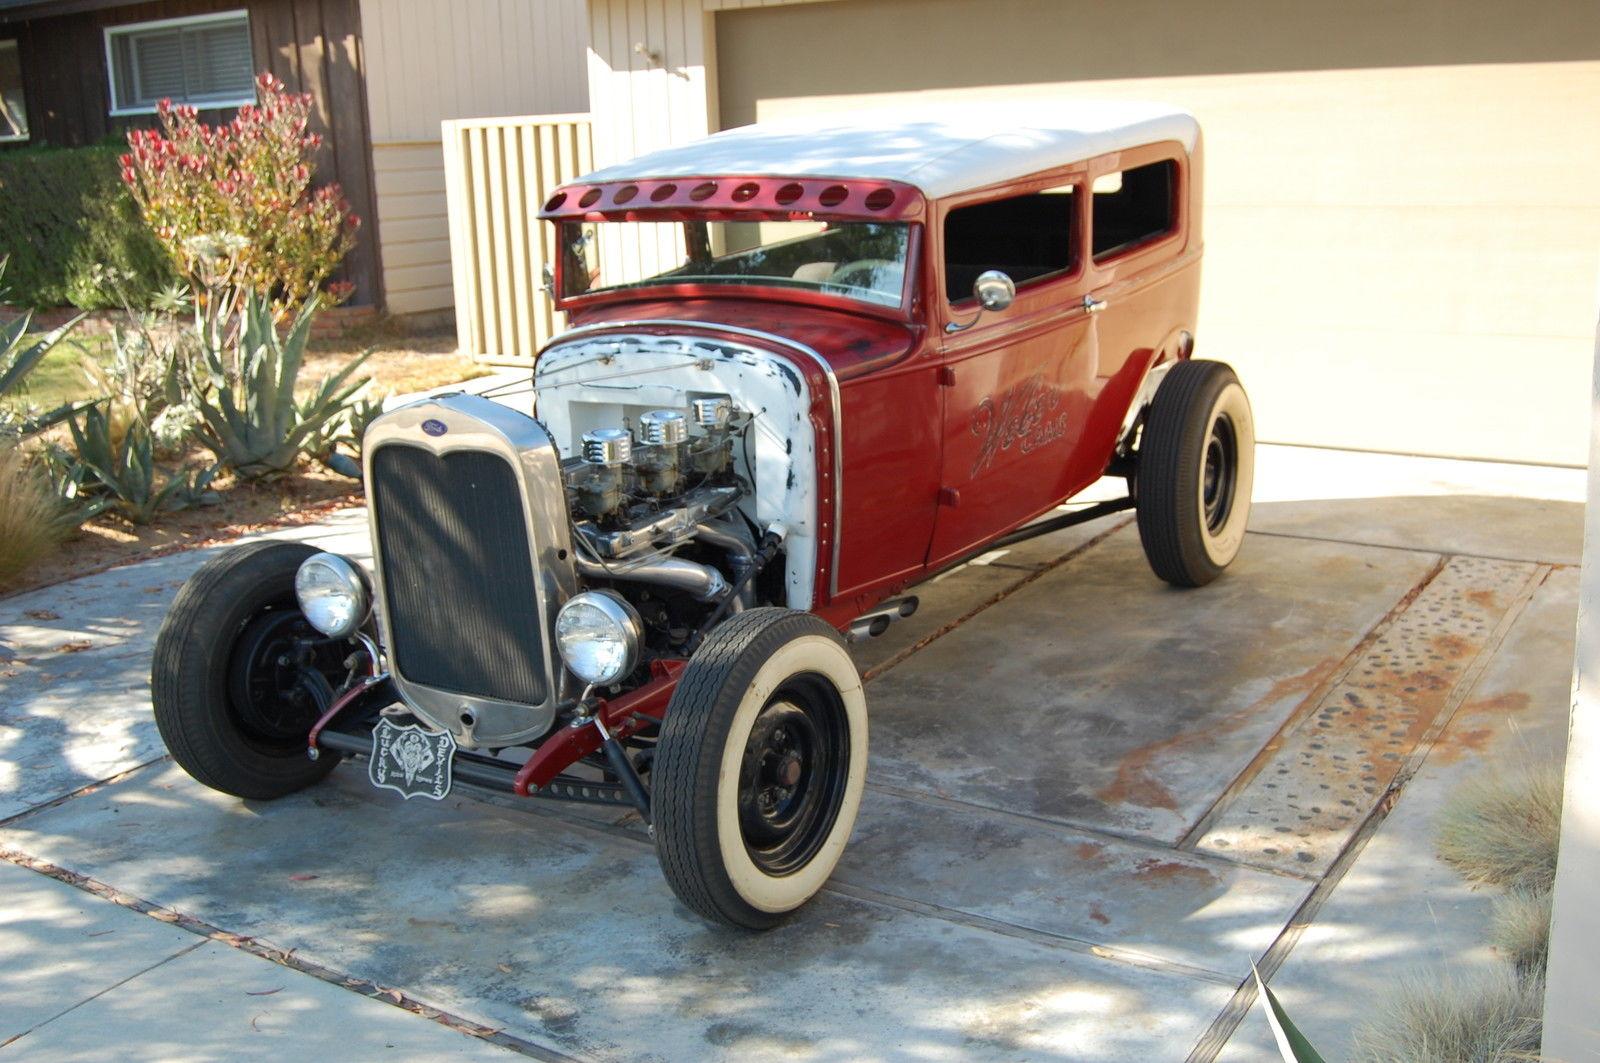 Restored Vintage 1930 Ford Model A Sedan Hot Rod 30 w/ 32 dash No ...